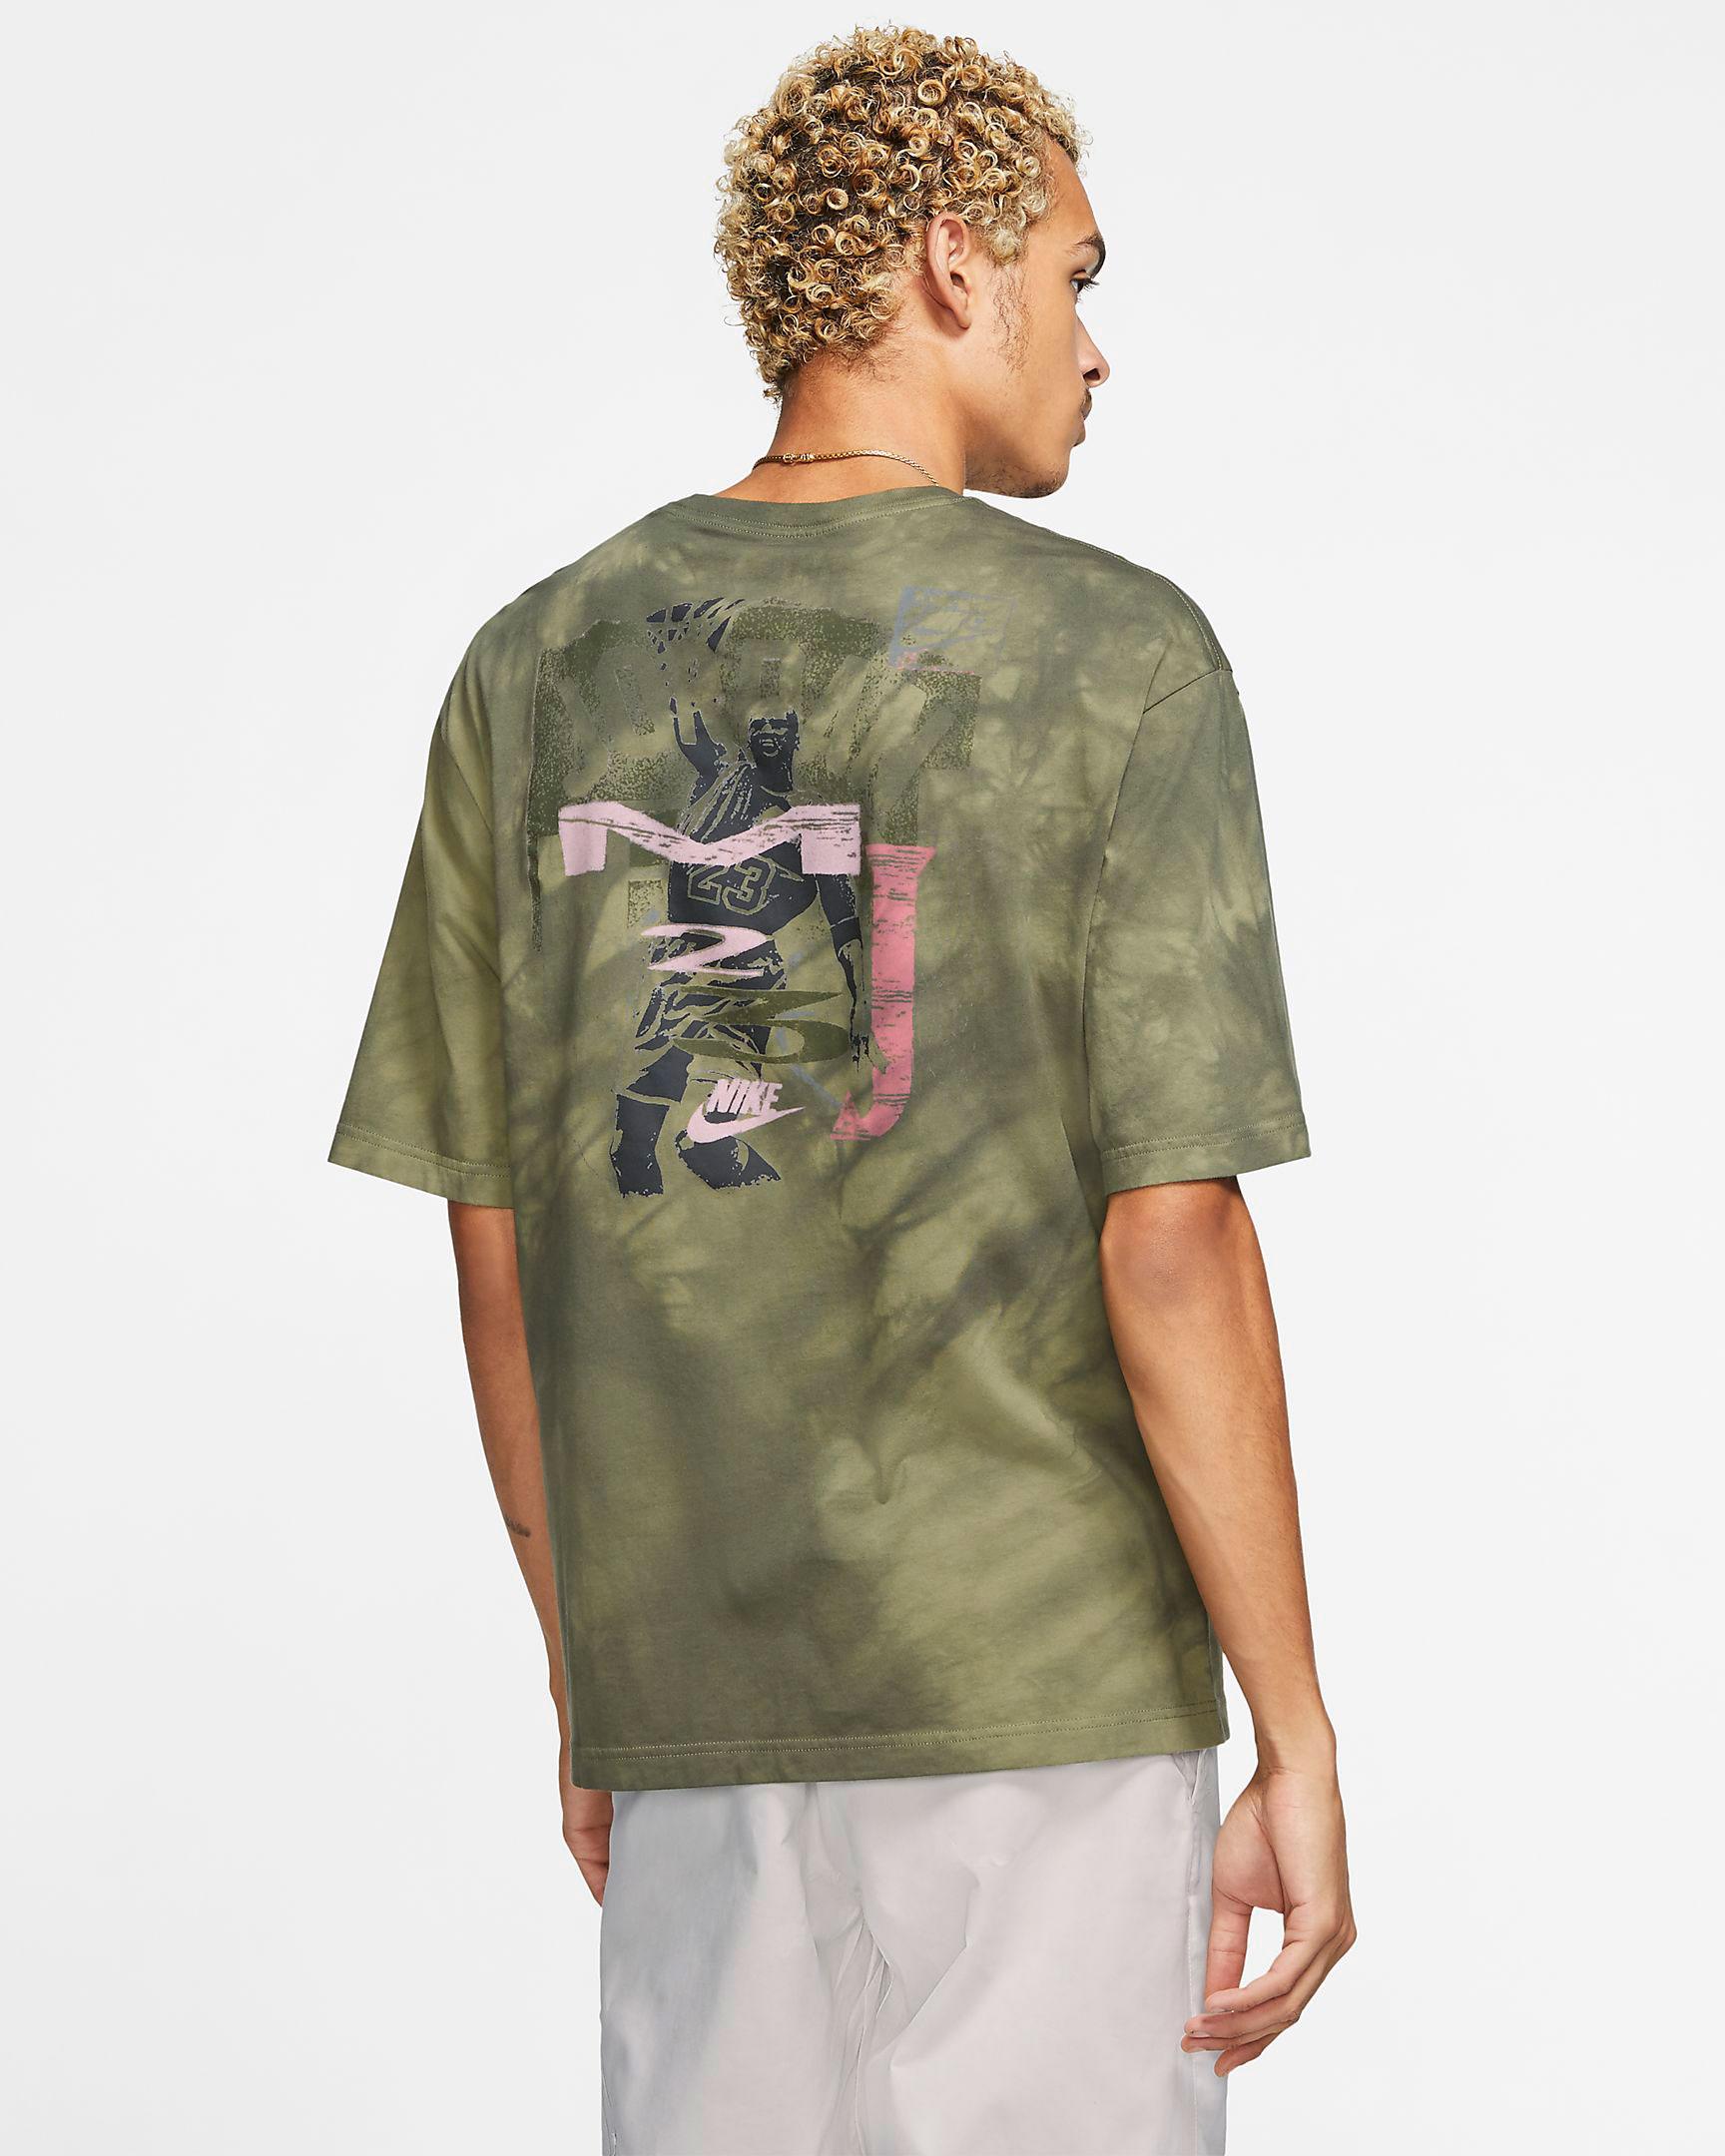 jordan-remastered-vintage-shirt-green-pink-2